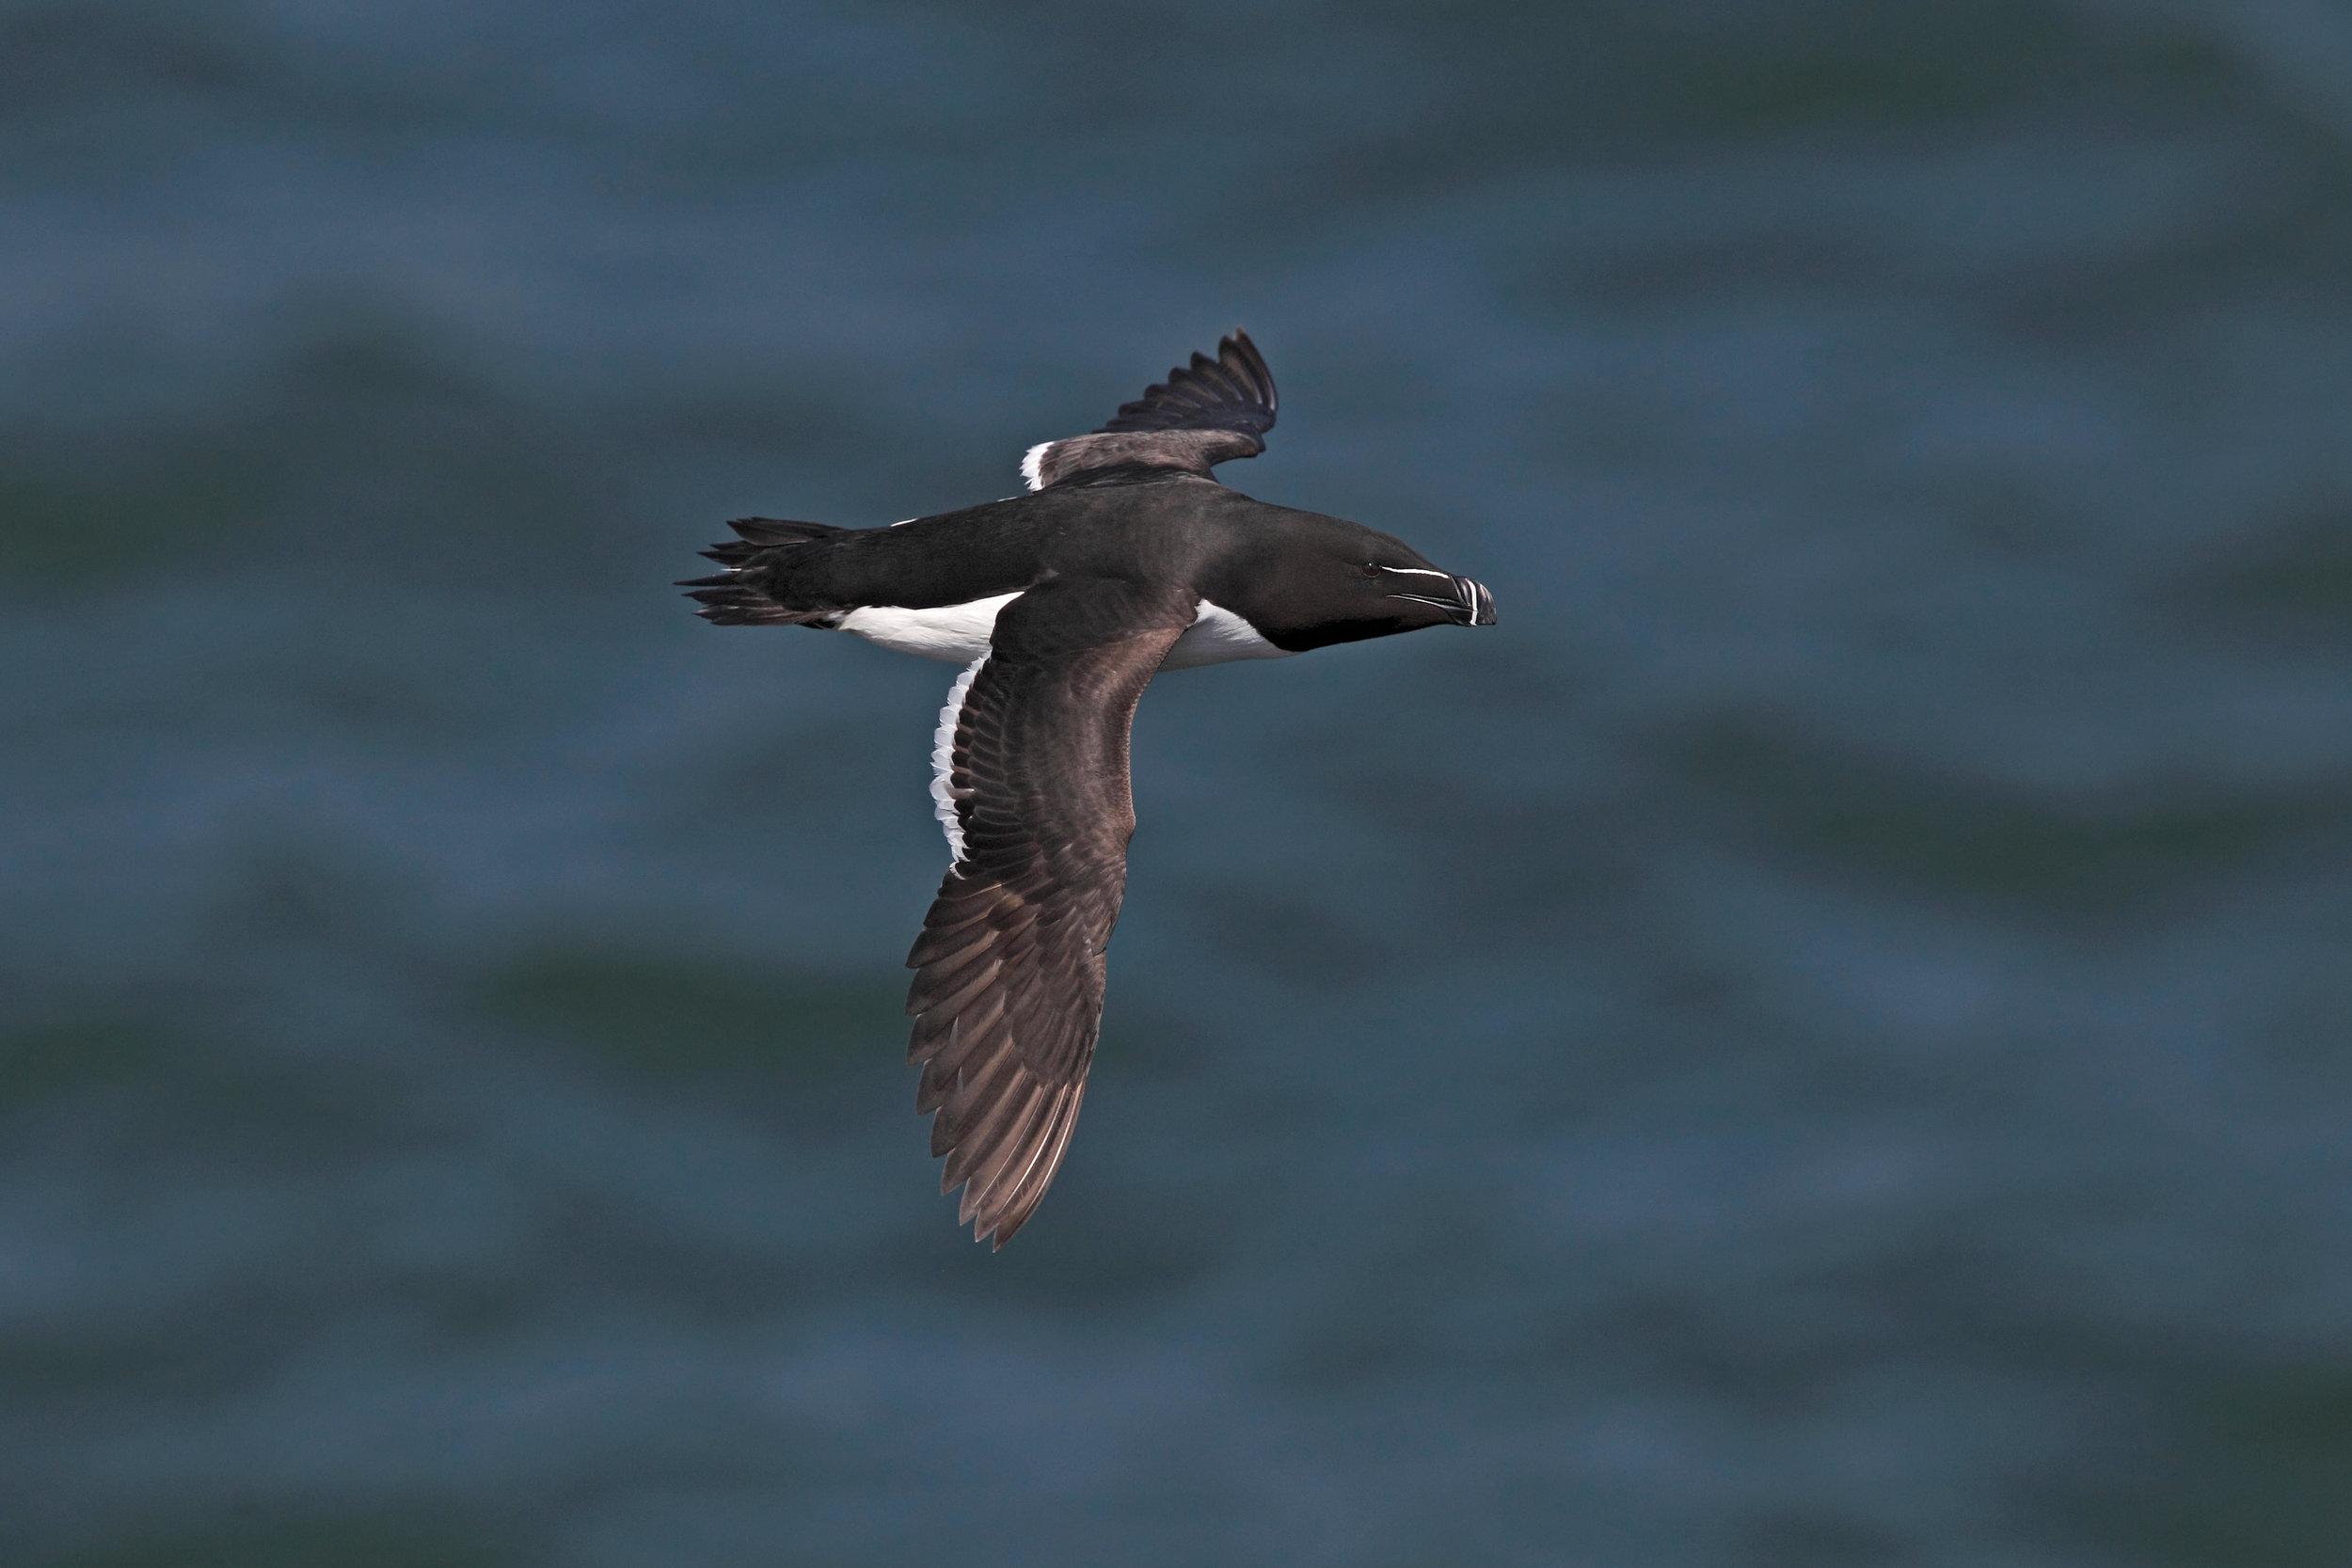 Summer Razorbill in flight